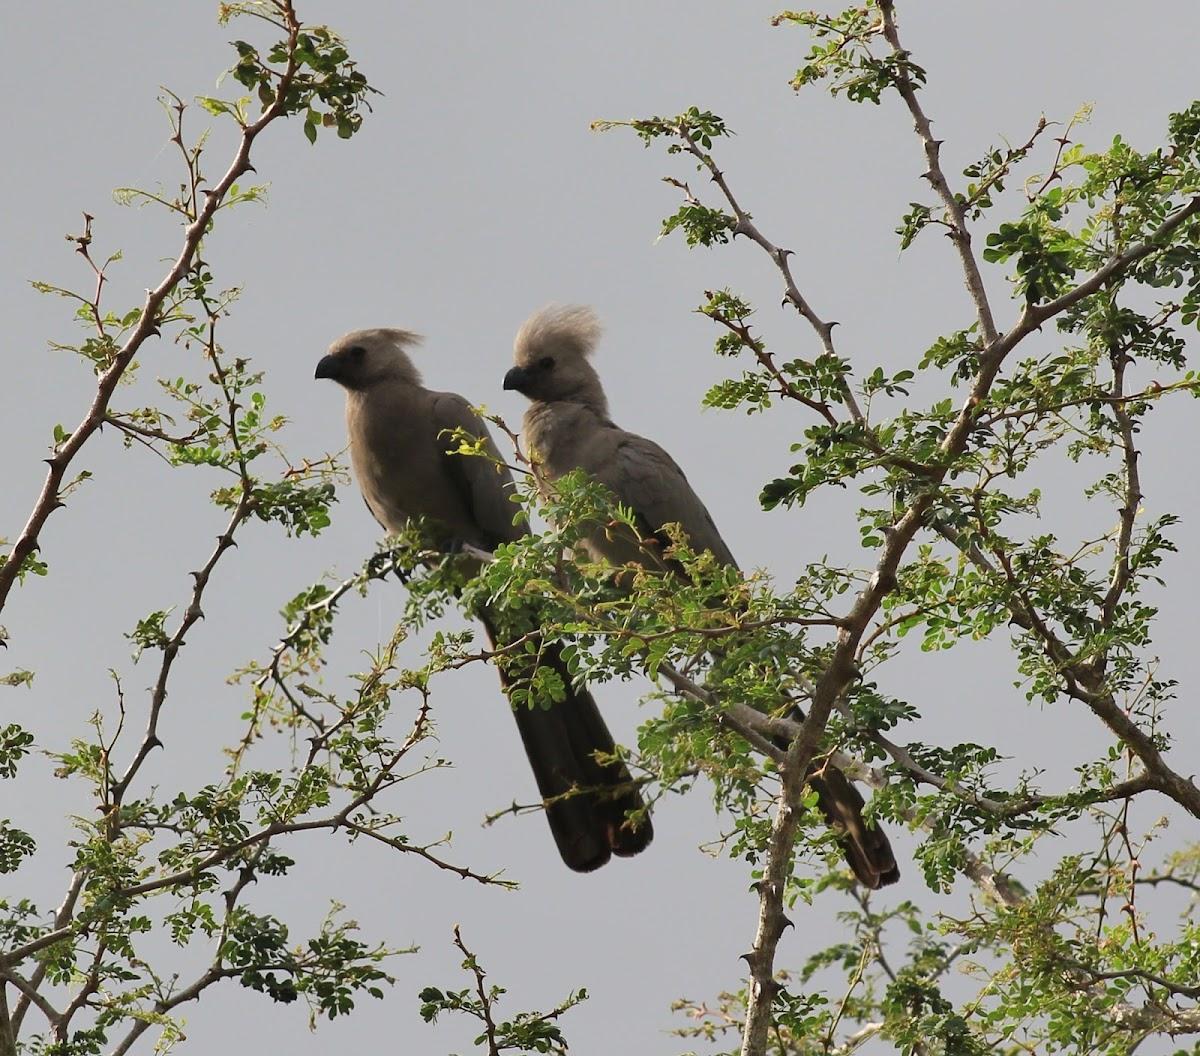 Grey Go-away-bird